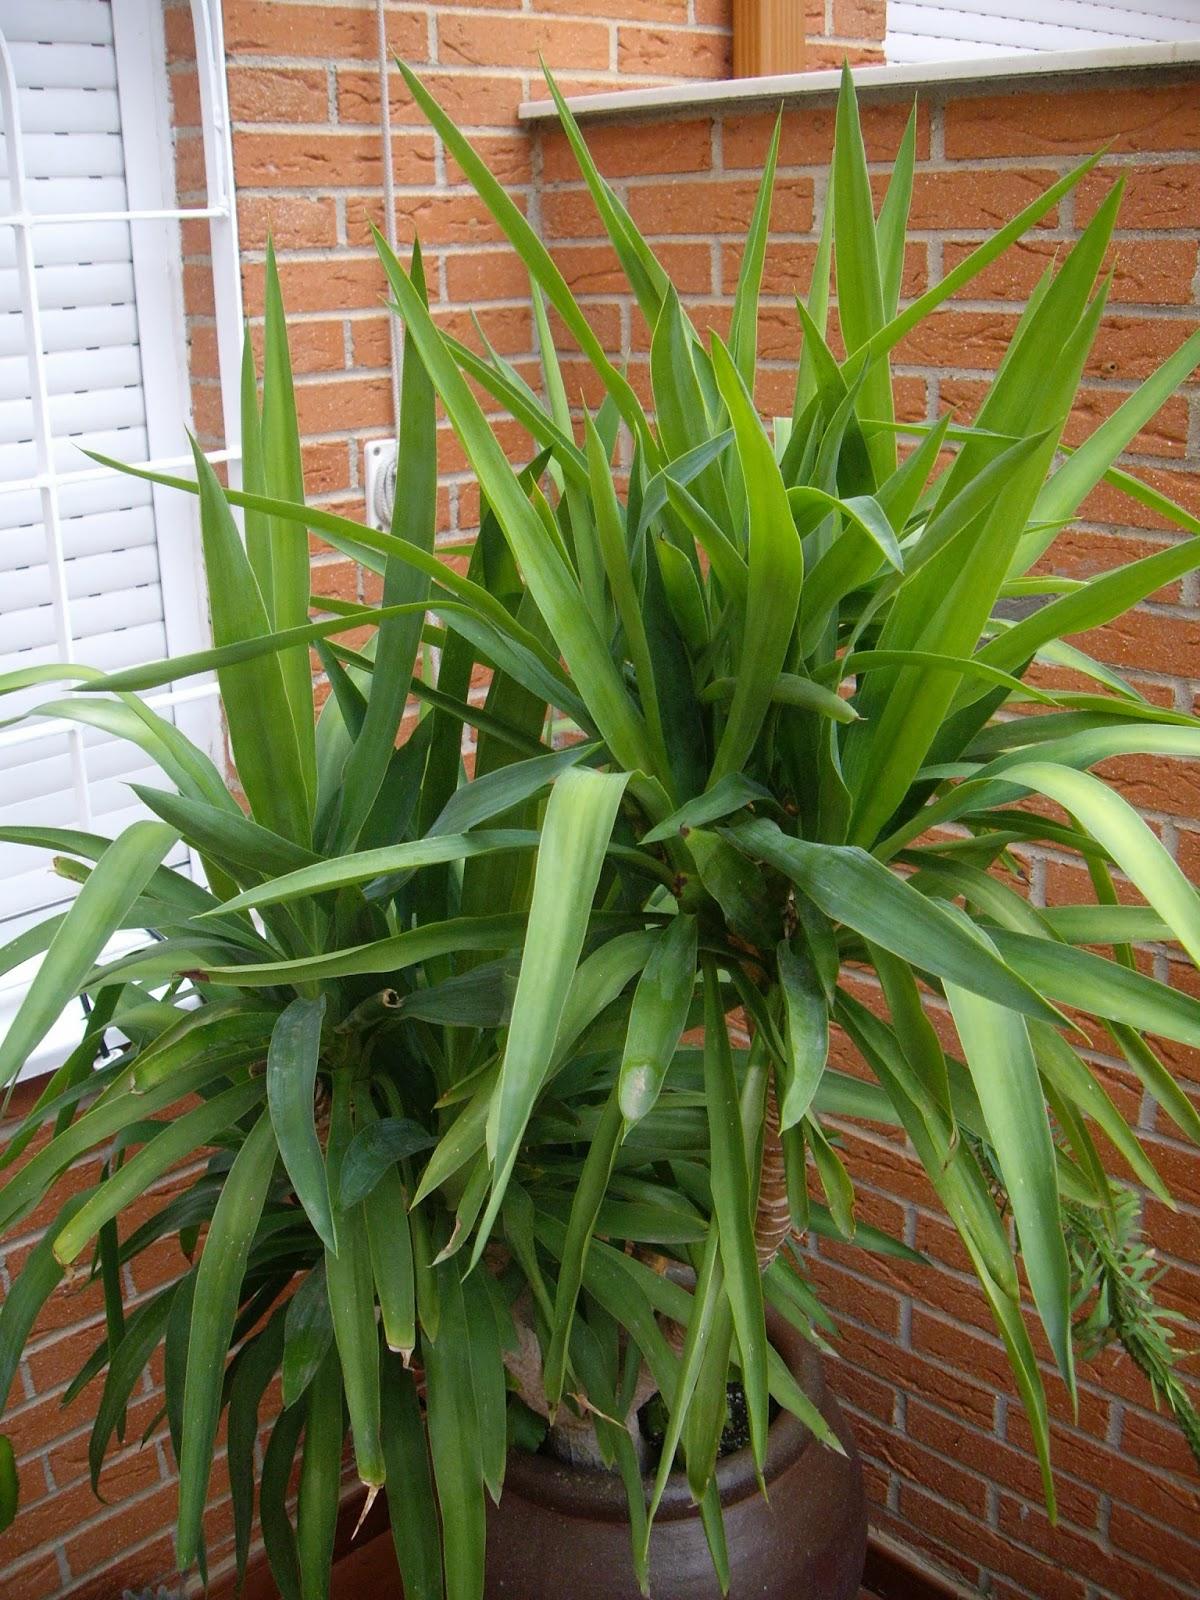 La mar de verde yucca elephantipes o yuca pie de elefante for Planta yuca exterior